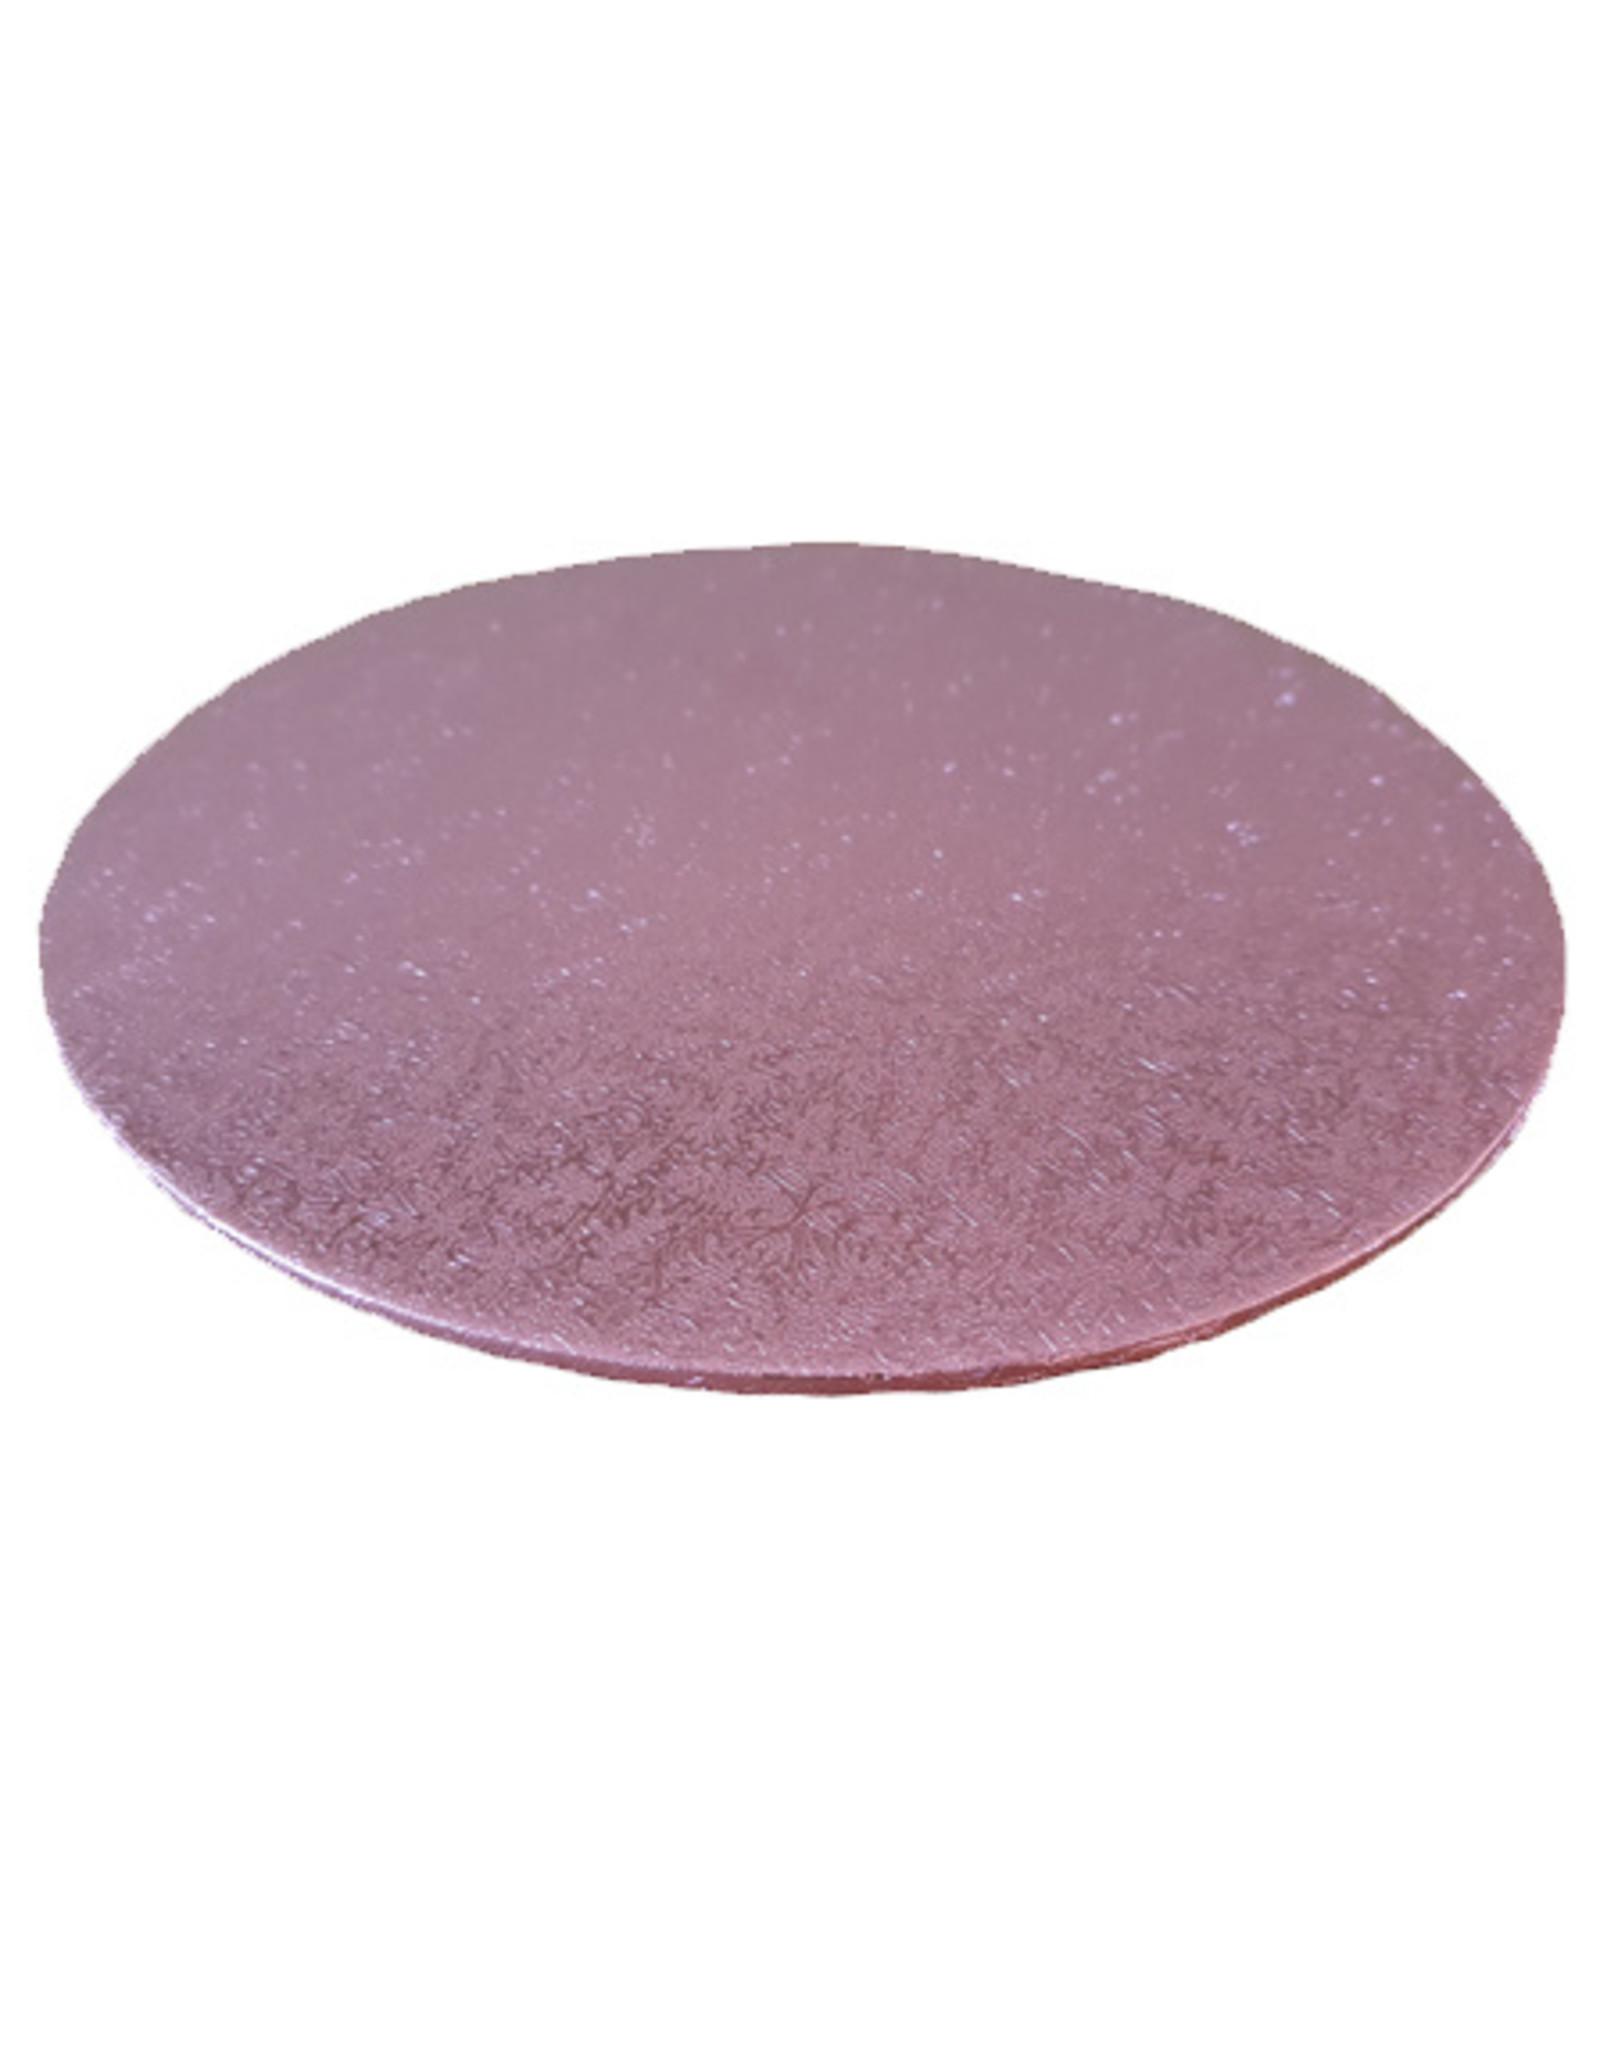 Cakeboards Ø203 mm - roze (per 10 stuks)